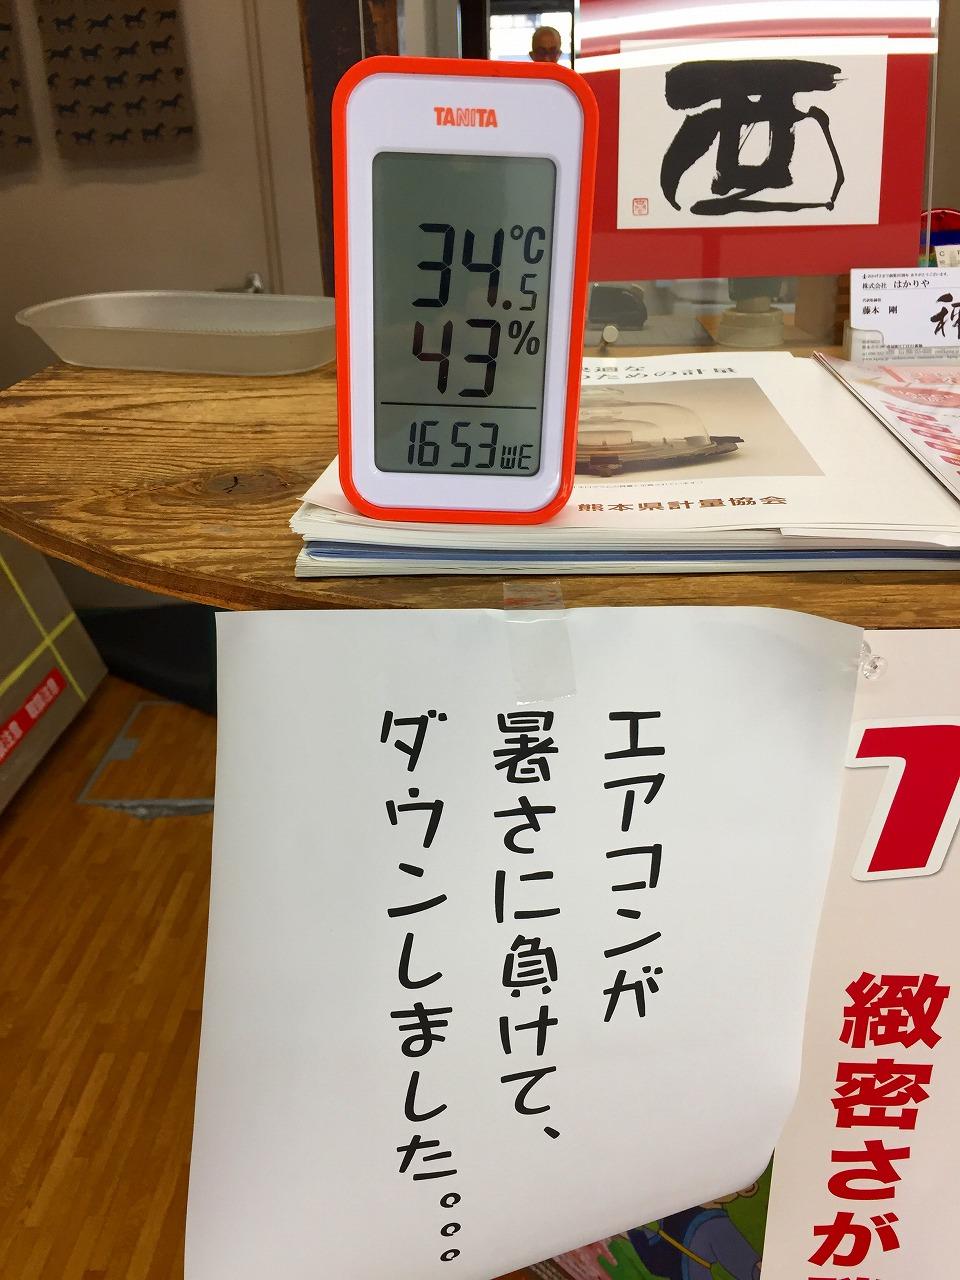 エアコン壊れて二日目 店の温度は、34.5℃